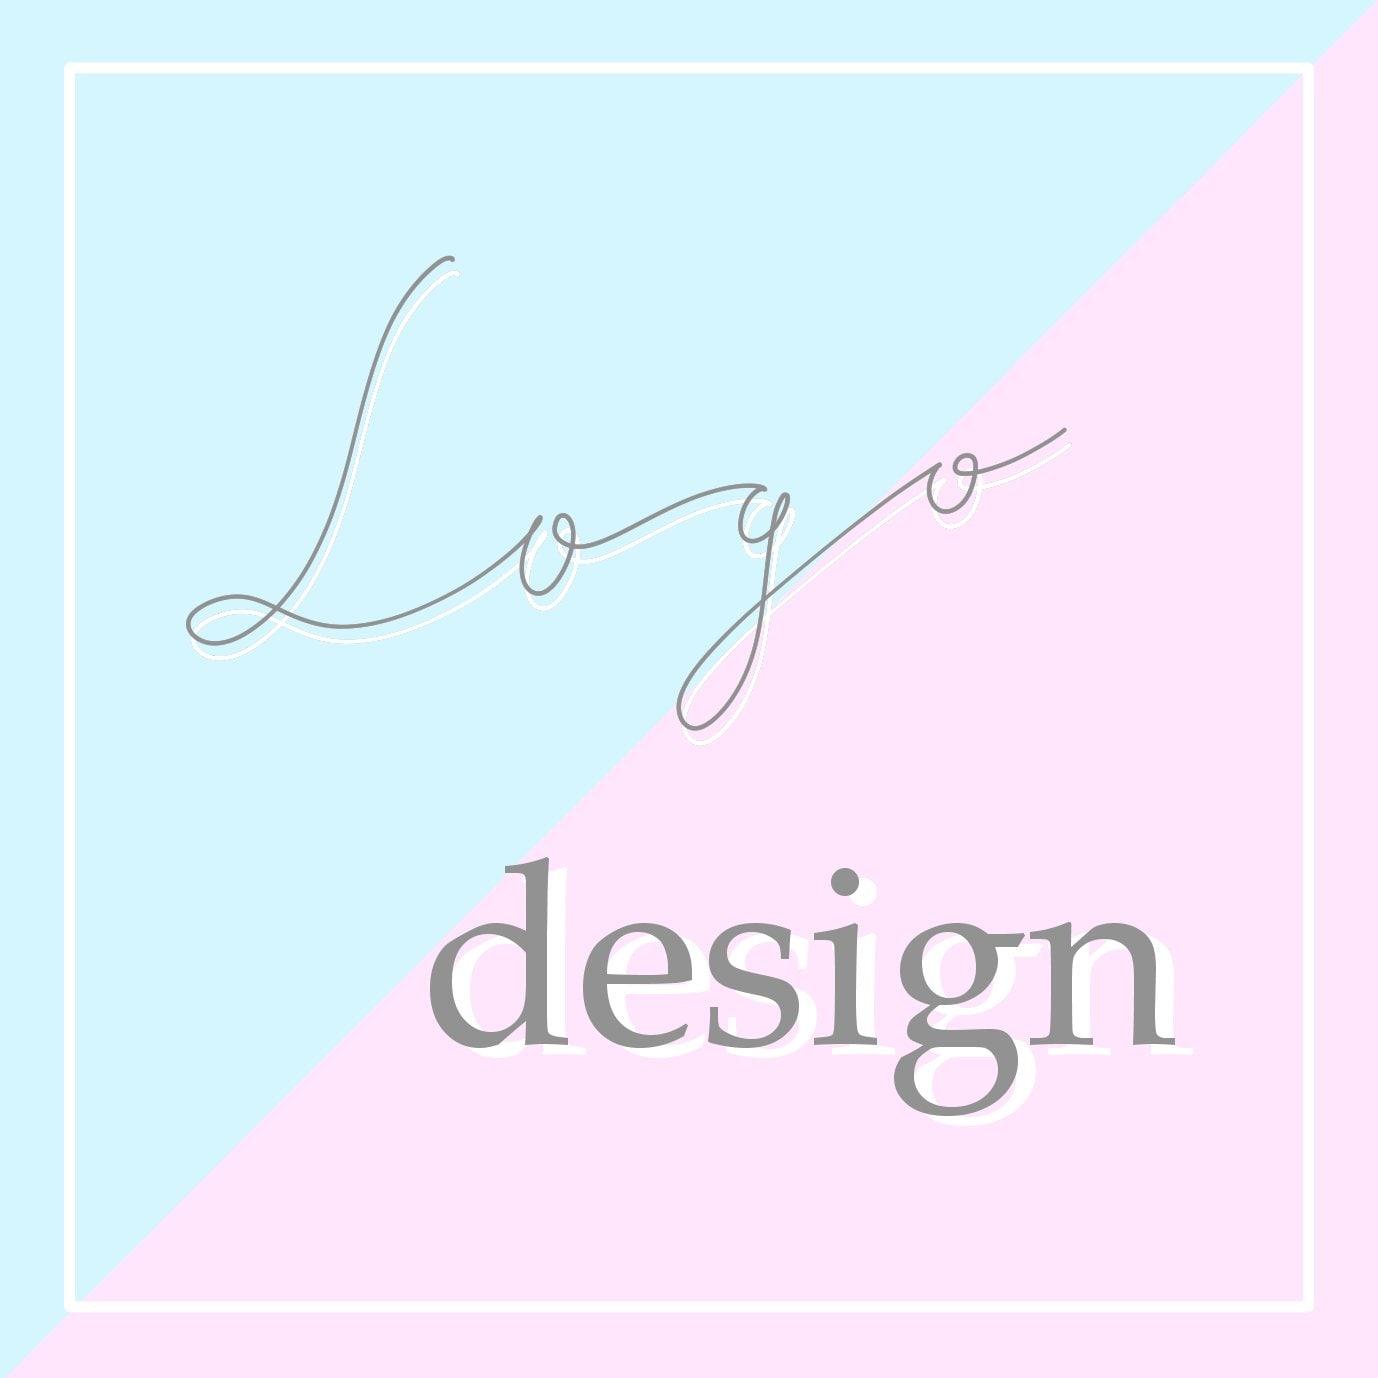 【ロゴデザイン】ショップカード・ECサイト・SNSアイコンのイメージその1